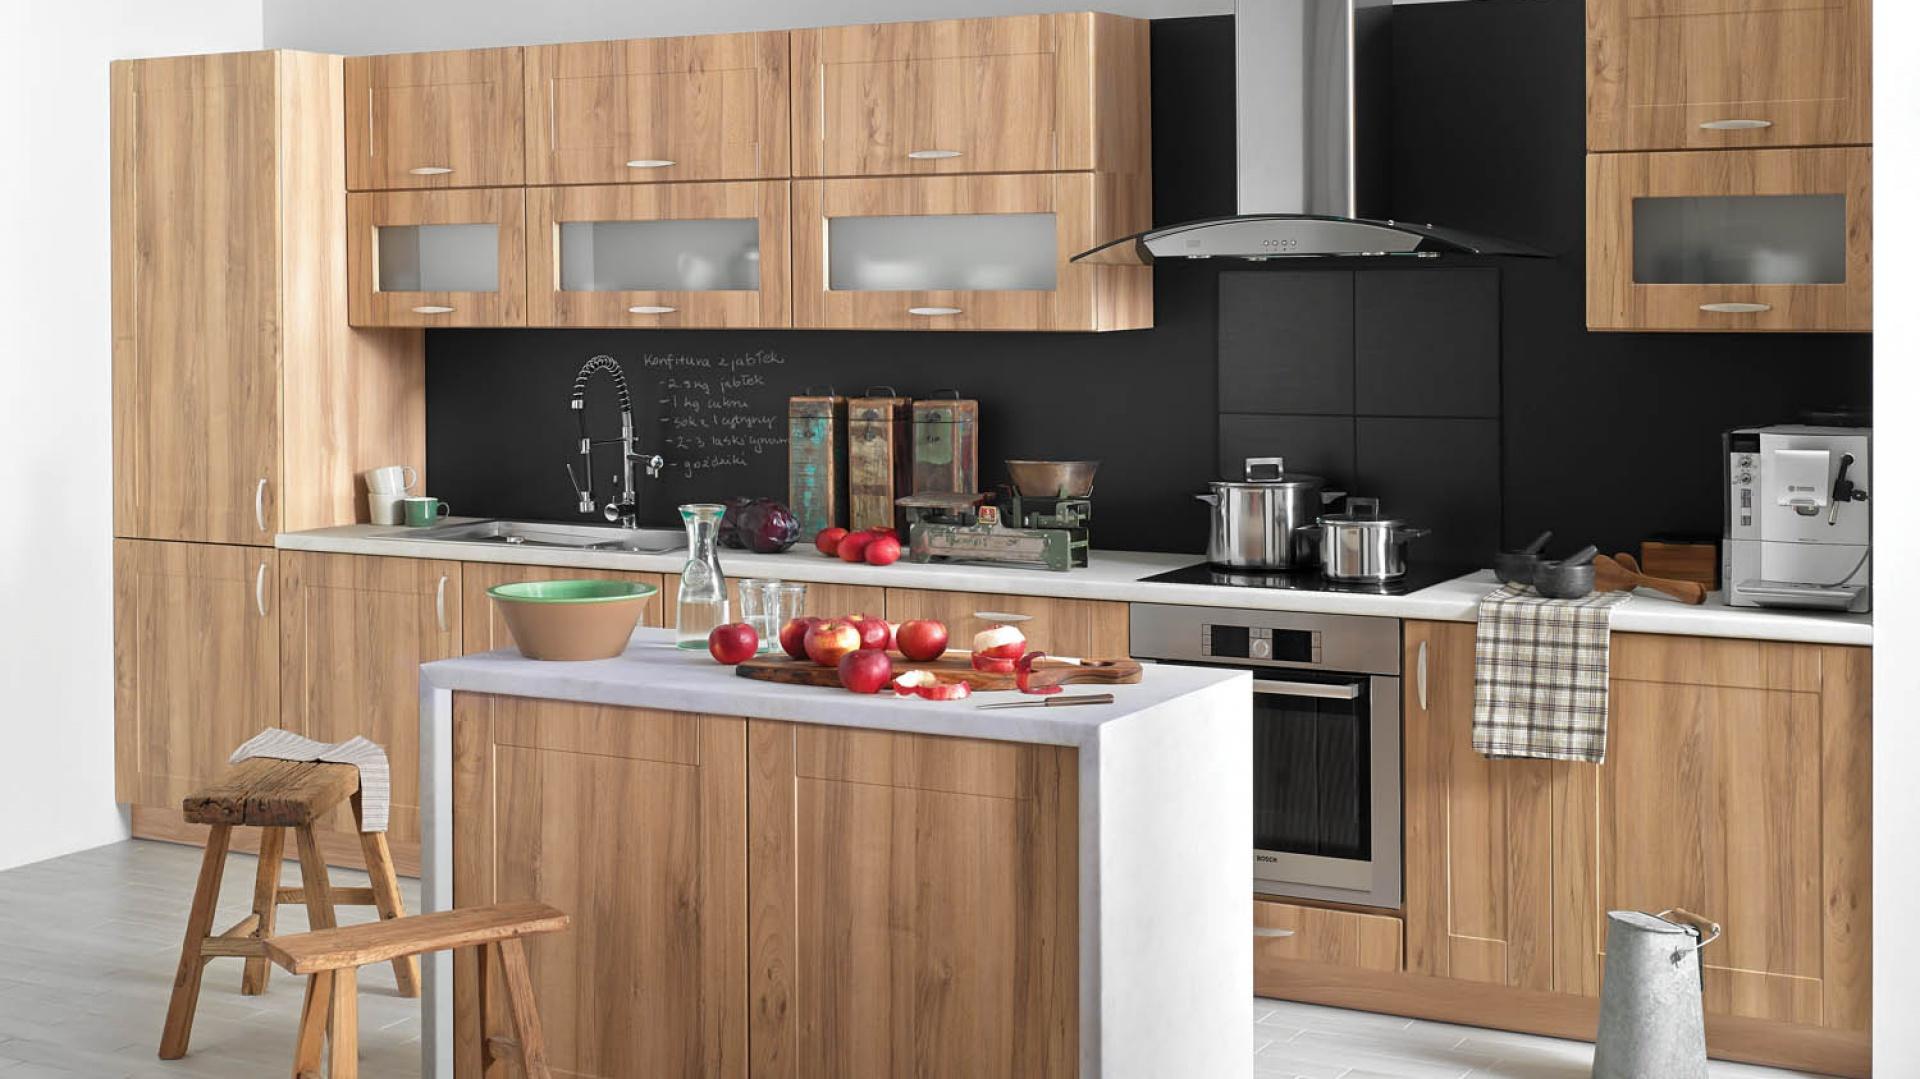 Meble w kolorze drewna Sposób na męską kuchnię drewno i czerń  Strona 4